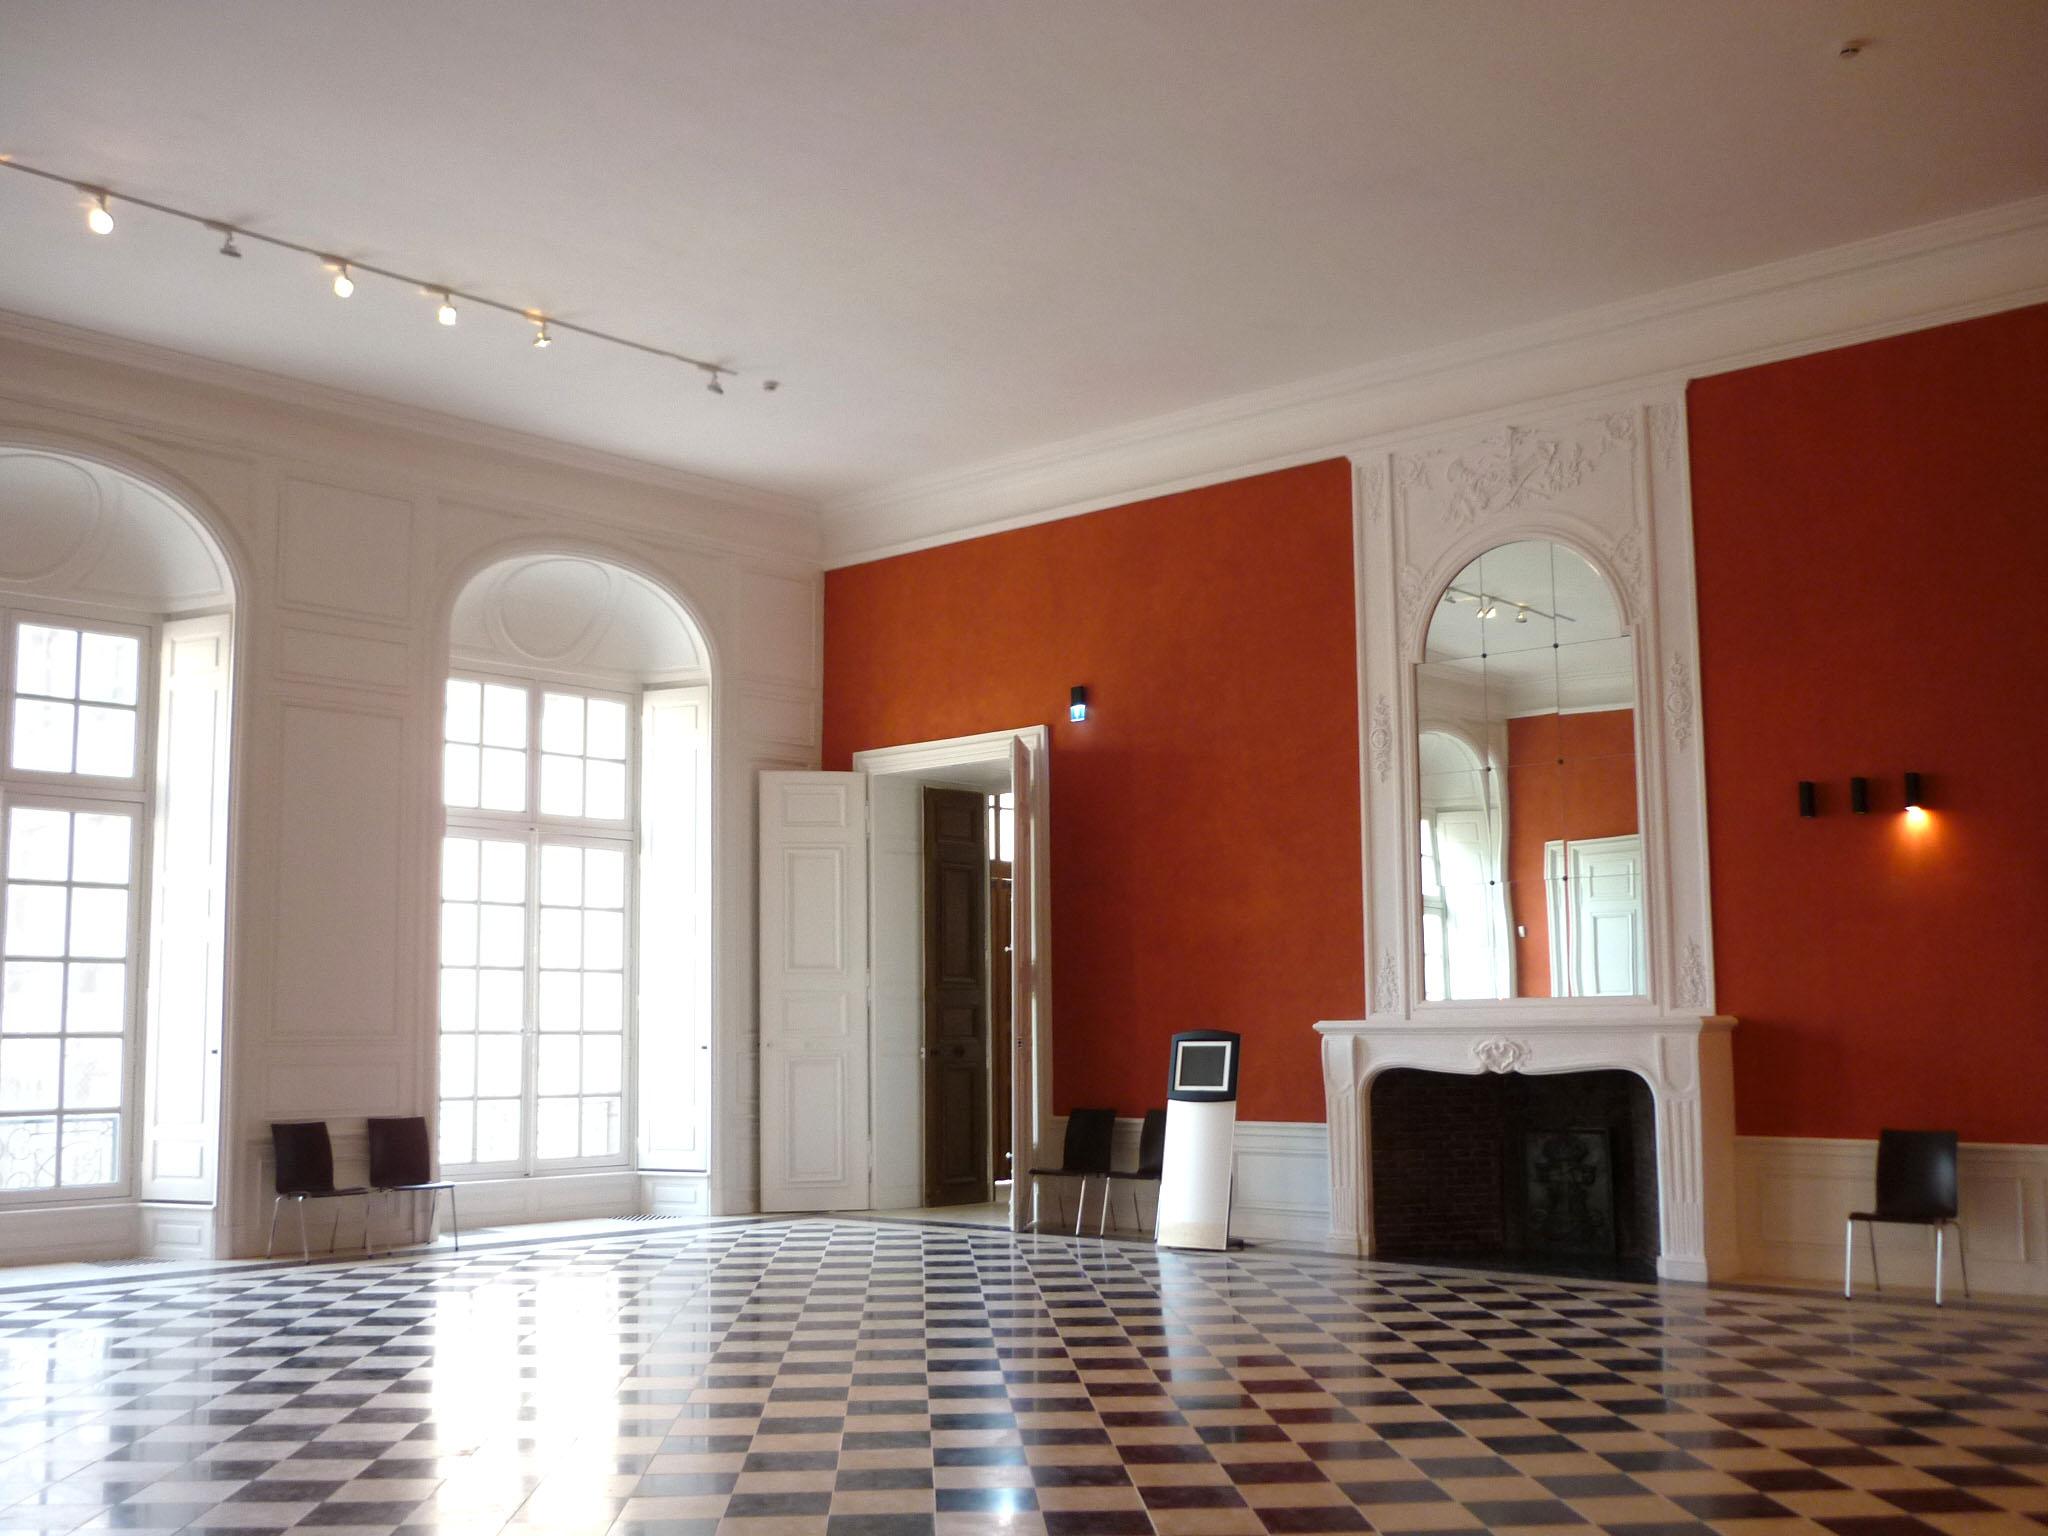 Agence Caillault ACMH – Palais ducal – Luneville – Salle de la Livrée restaurée